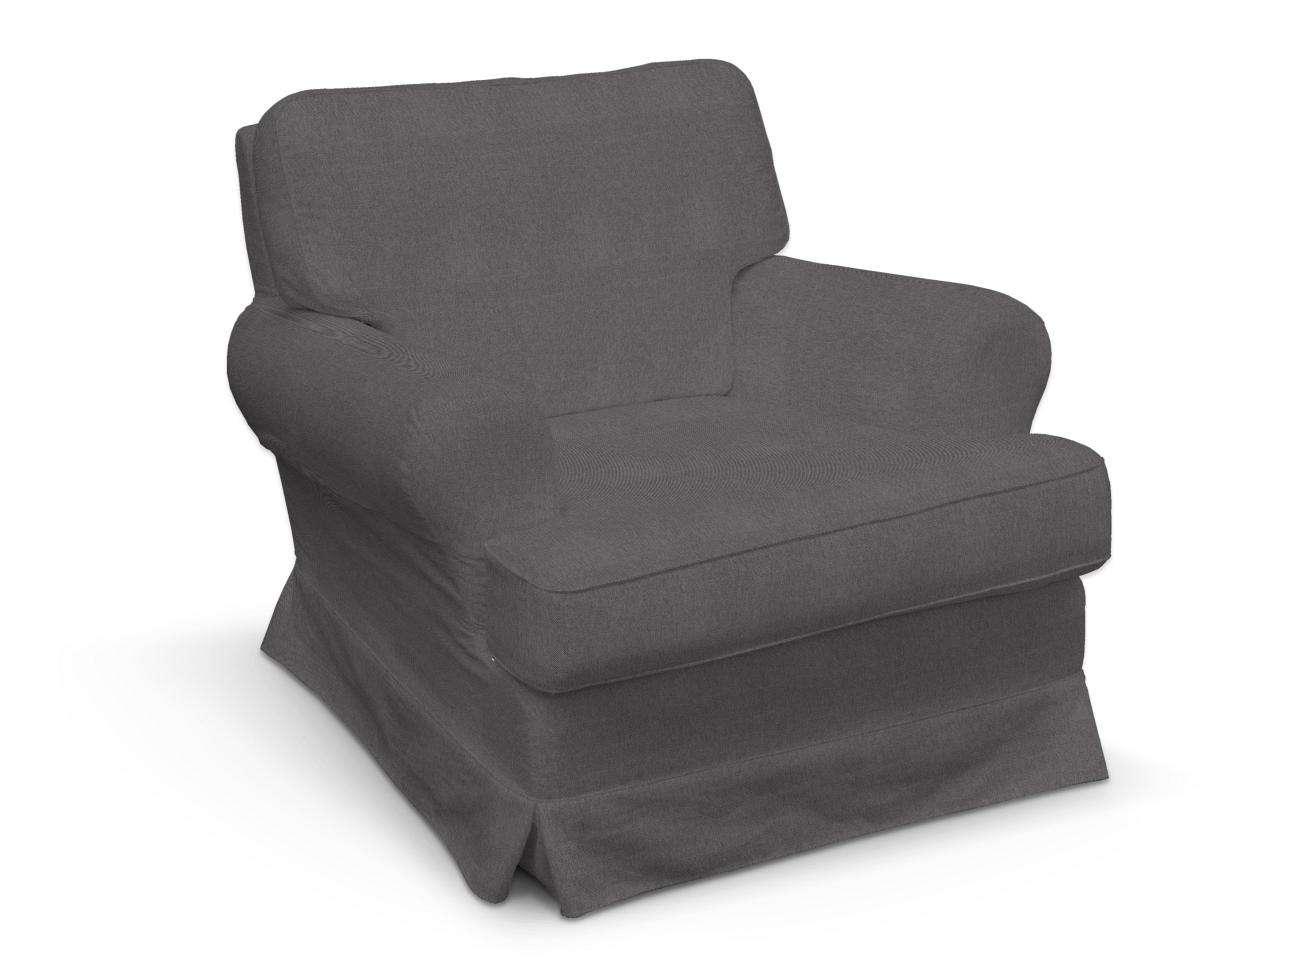 Bezug für Barkaby Sessel von der Kollektion Etna, Stoff: 705-35